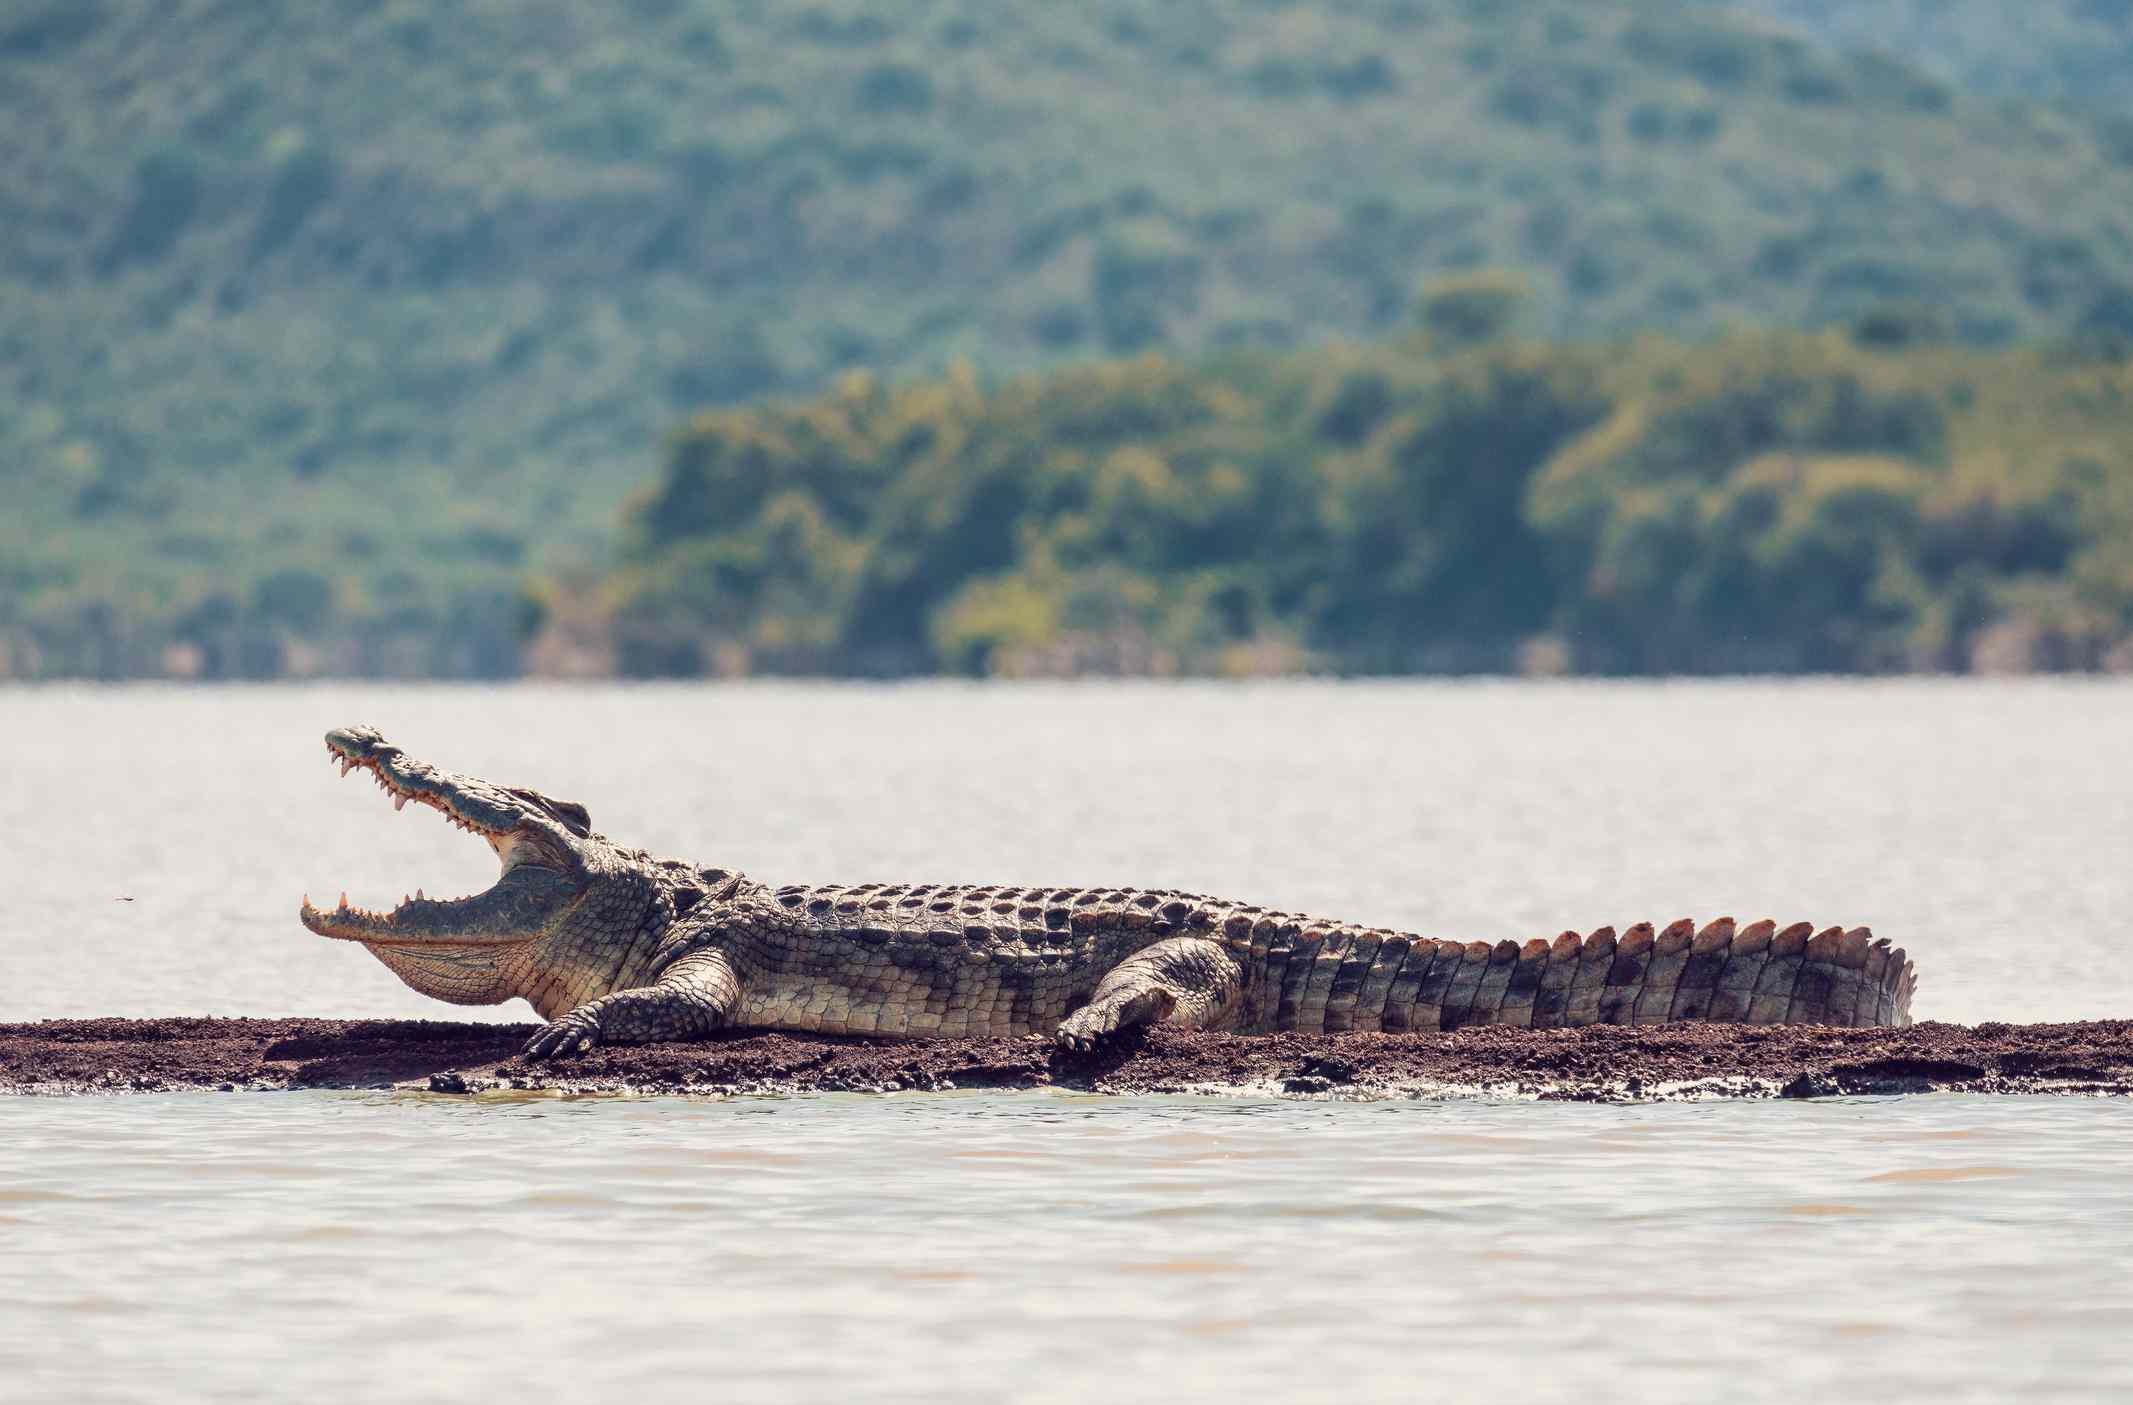 Huge alligator on a log in a river